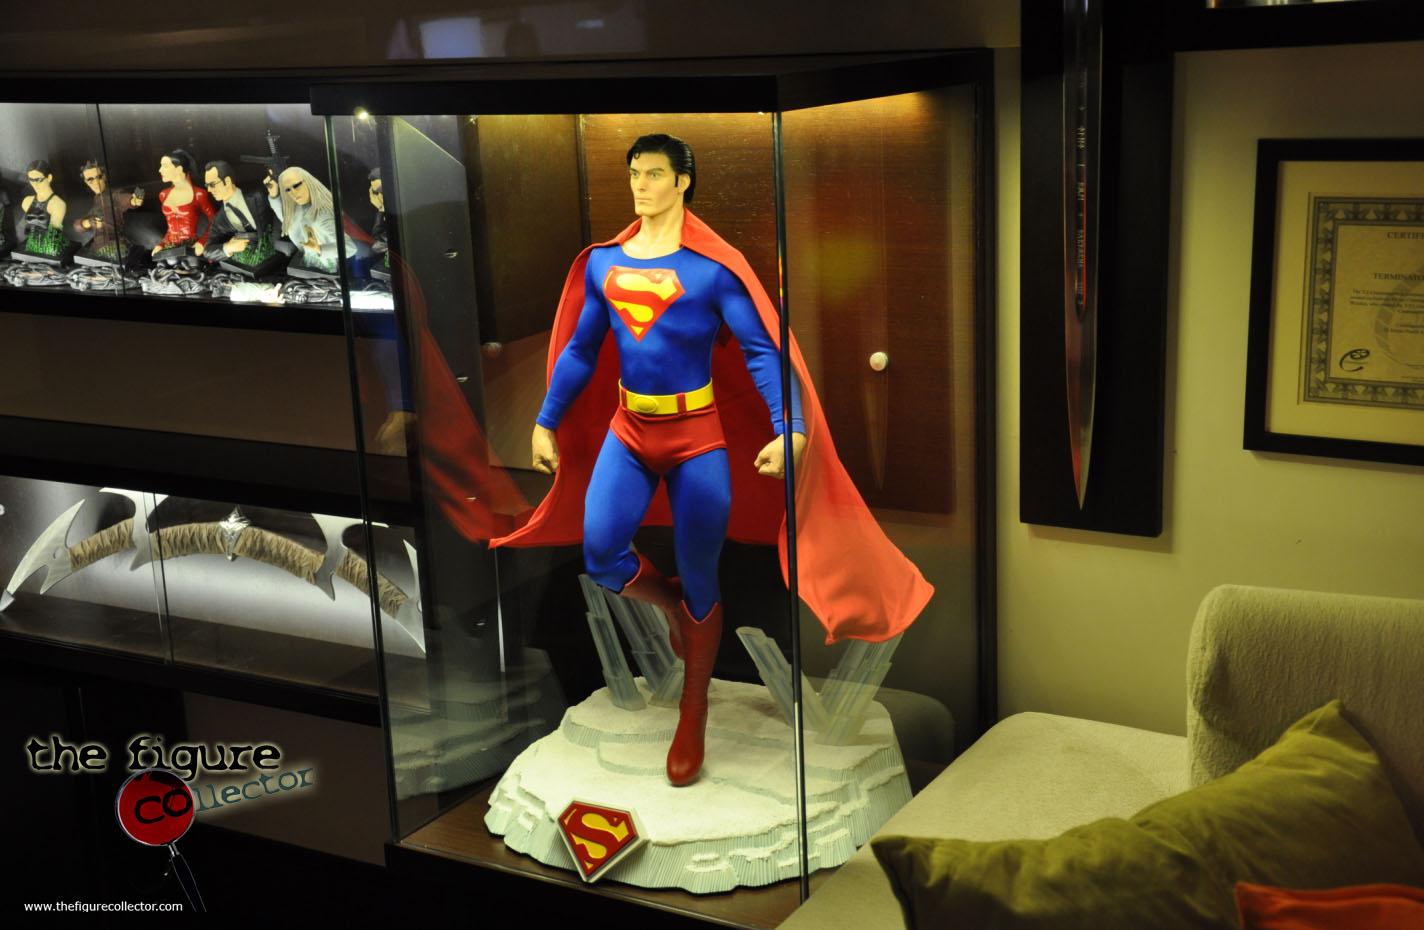 Colecao do Turco louis gara do forum Sideshow Collectors! Pobrinho!!! Superman-Cinemaquette-14